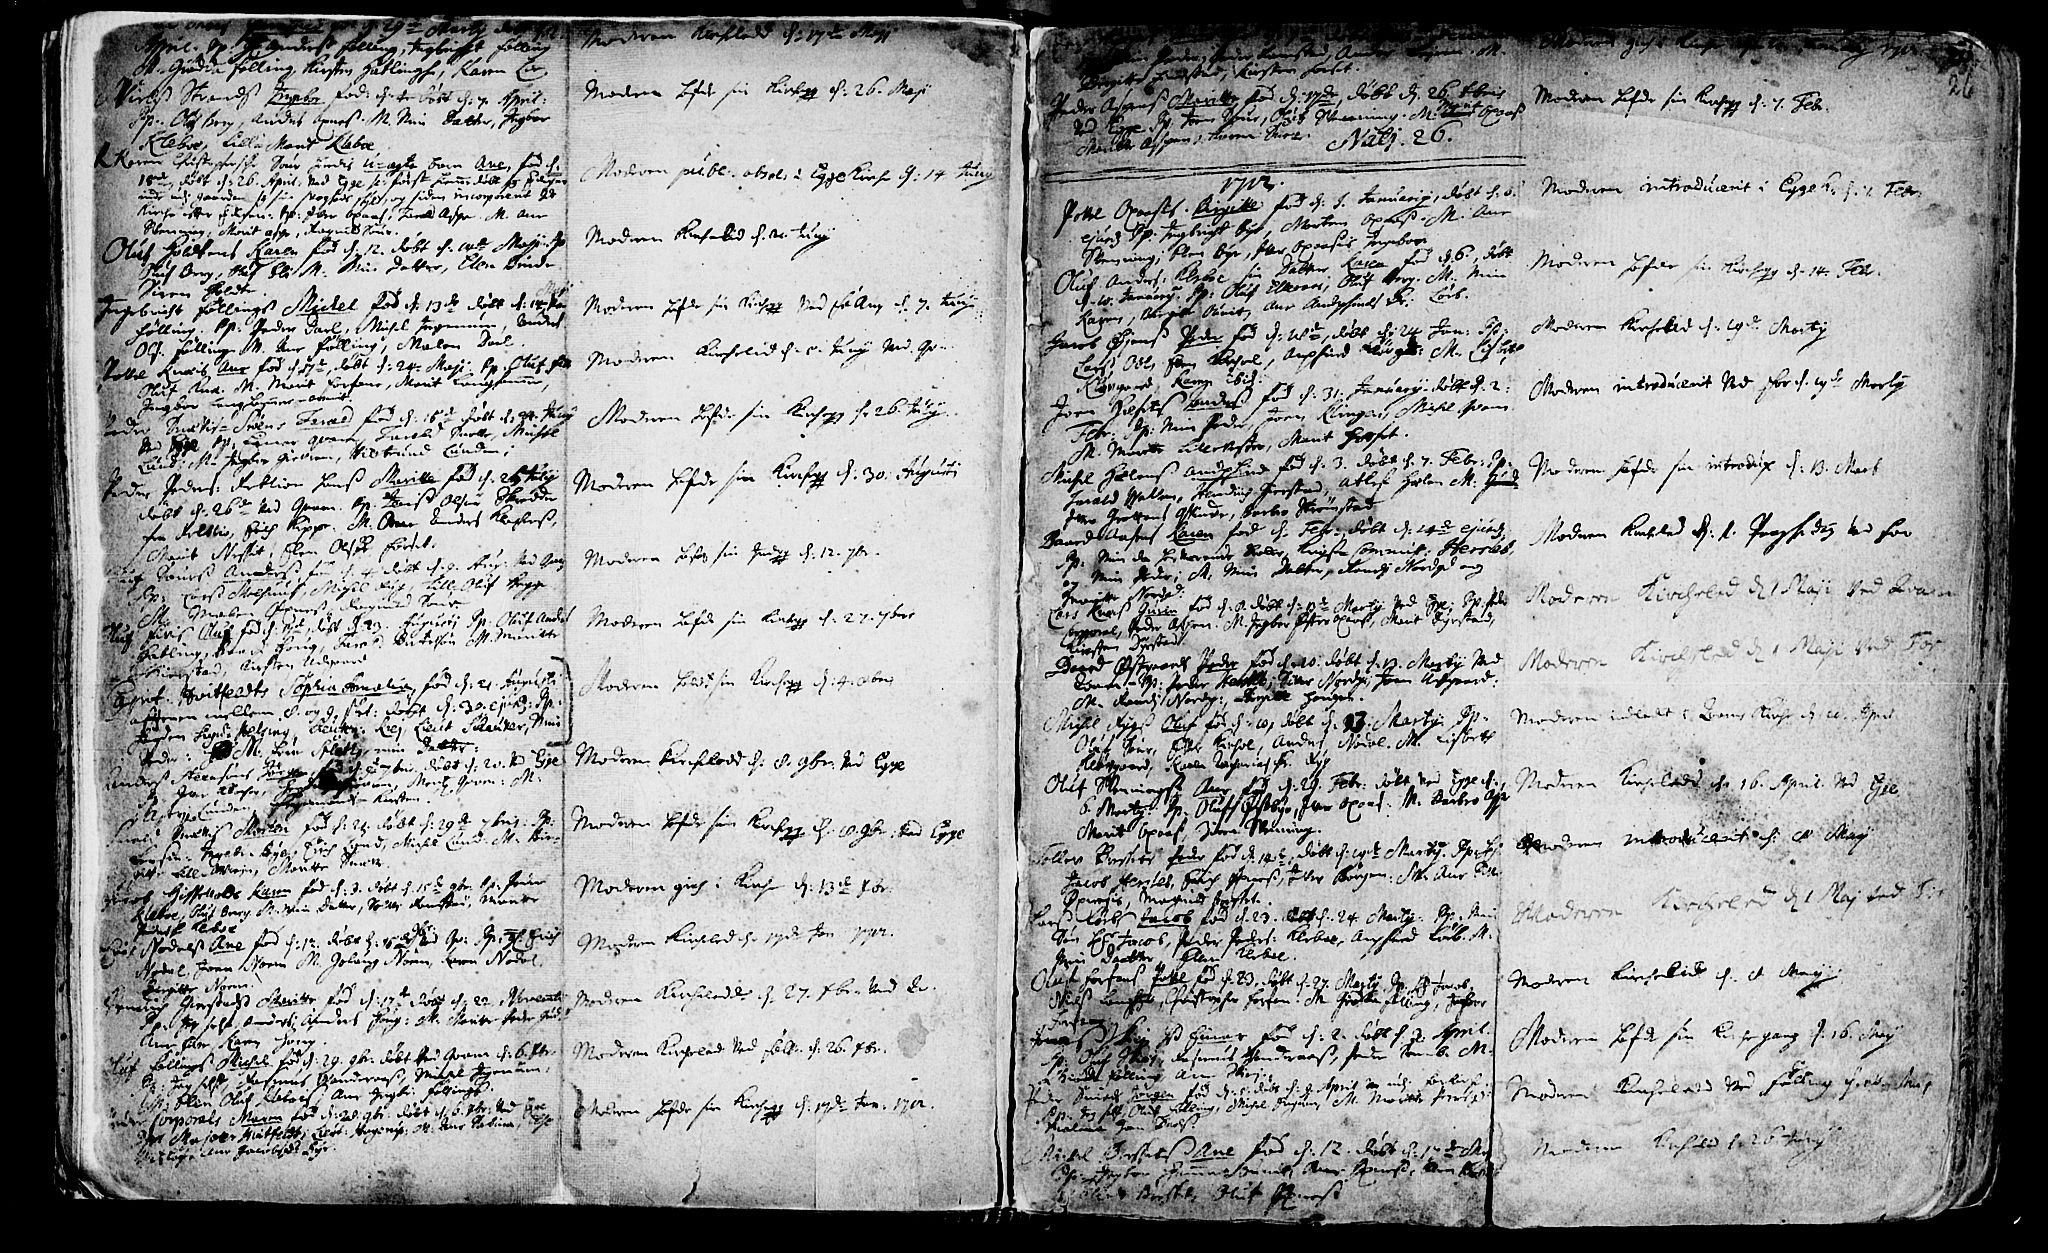 SAT, Ministerialprotokoller, klokkerbøker og fødselsregistre - Nord-Trøndelag, 746/L0439: Ministerialbok nr. 746A01, 1688-1759, s. 26